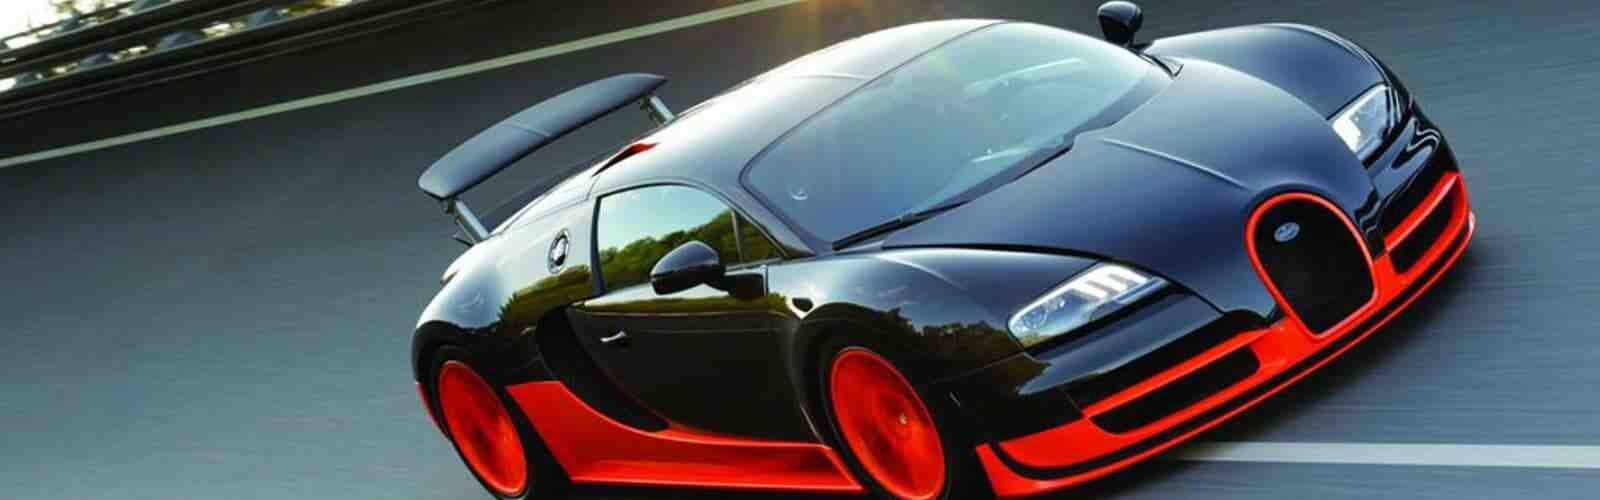 Quelle est la Bugatti la plus rapide?